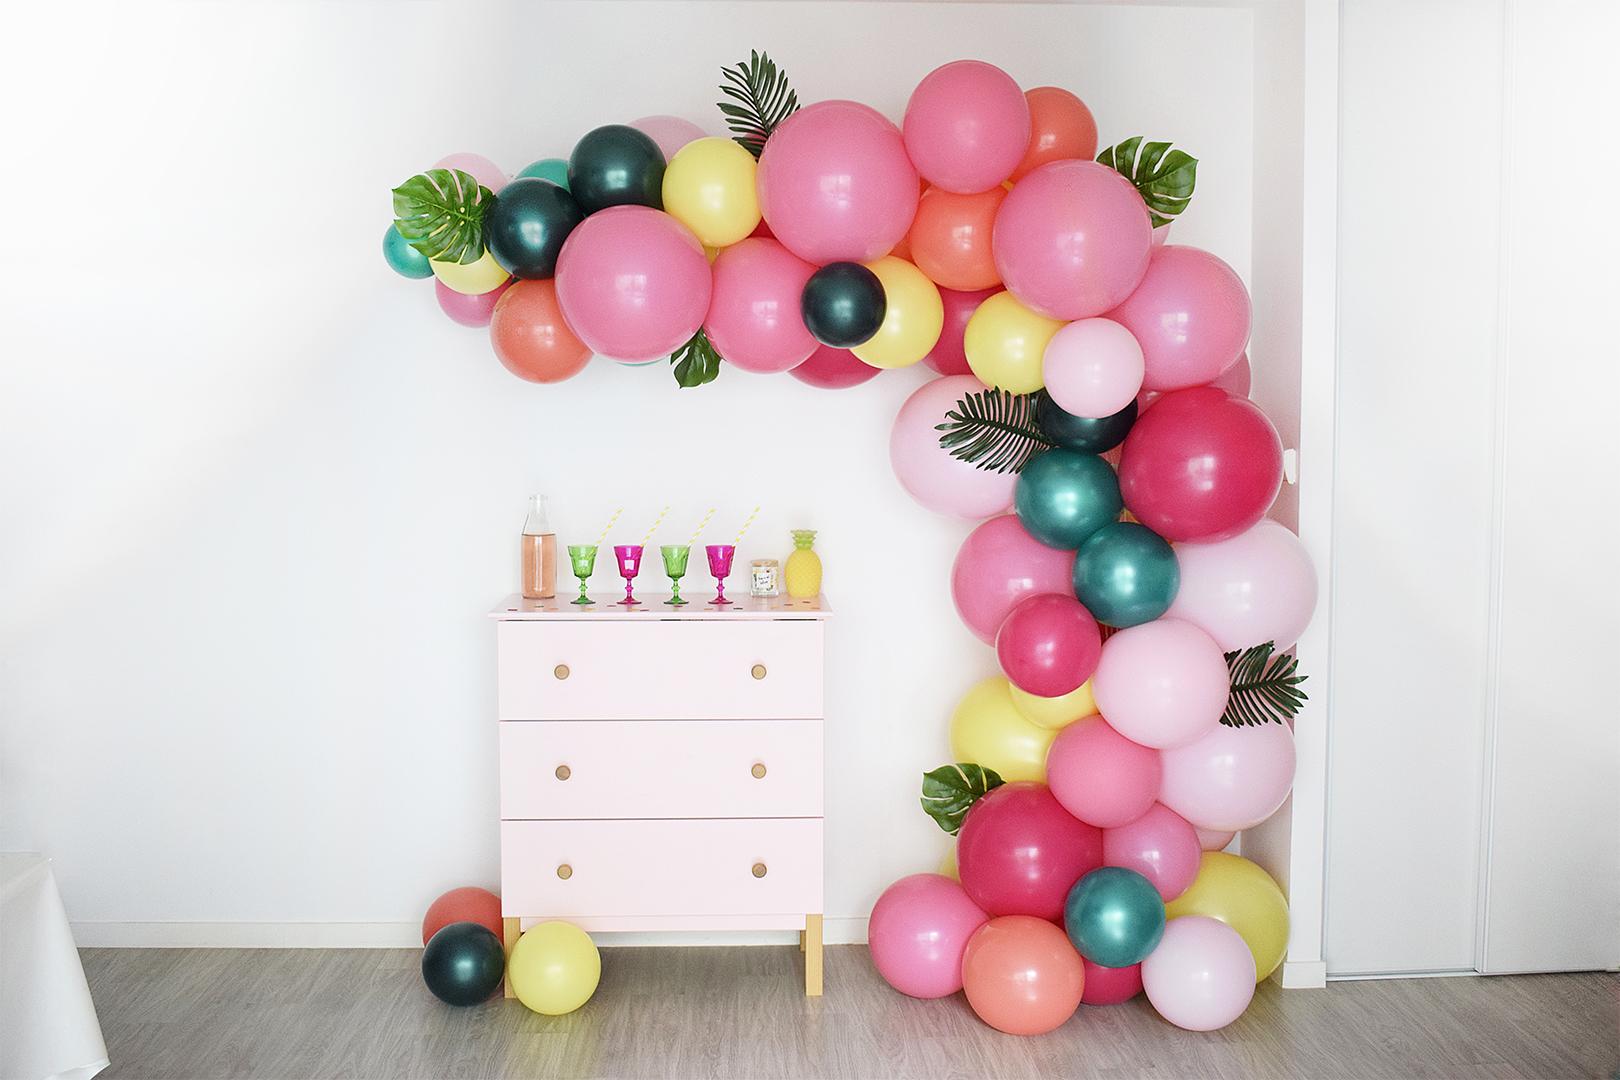 décoration ballons anniversaire Tours